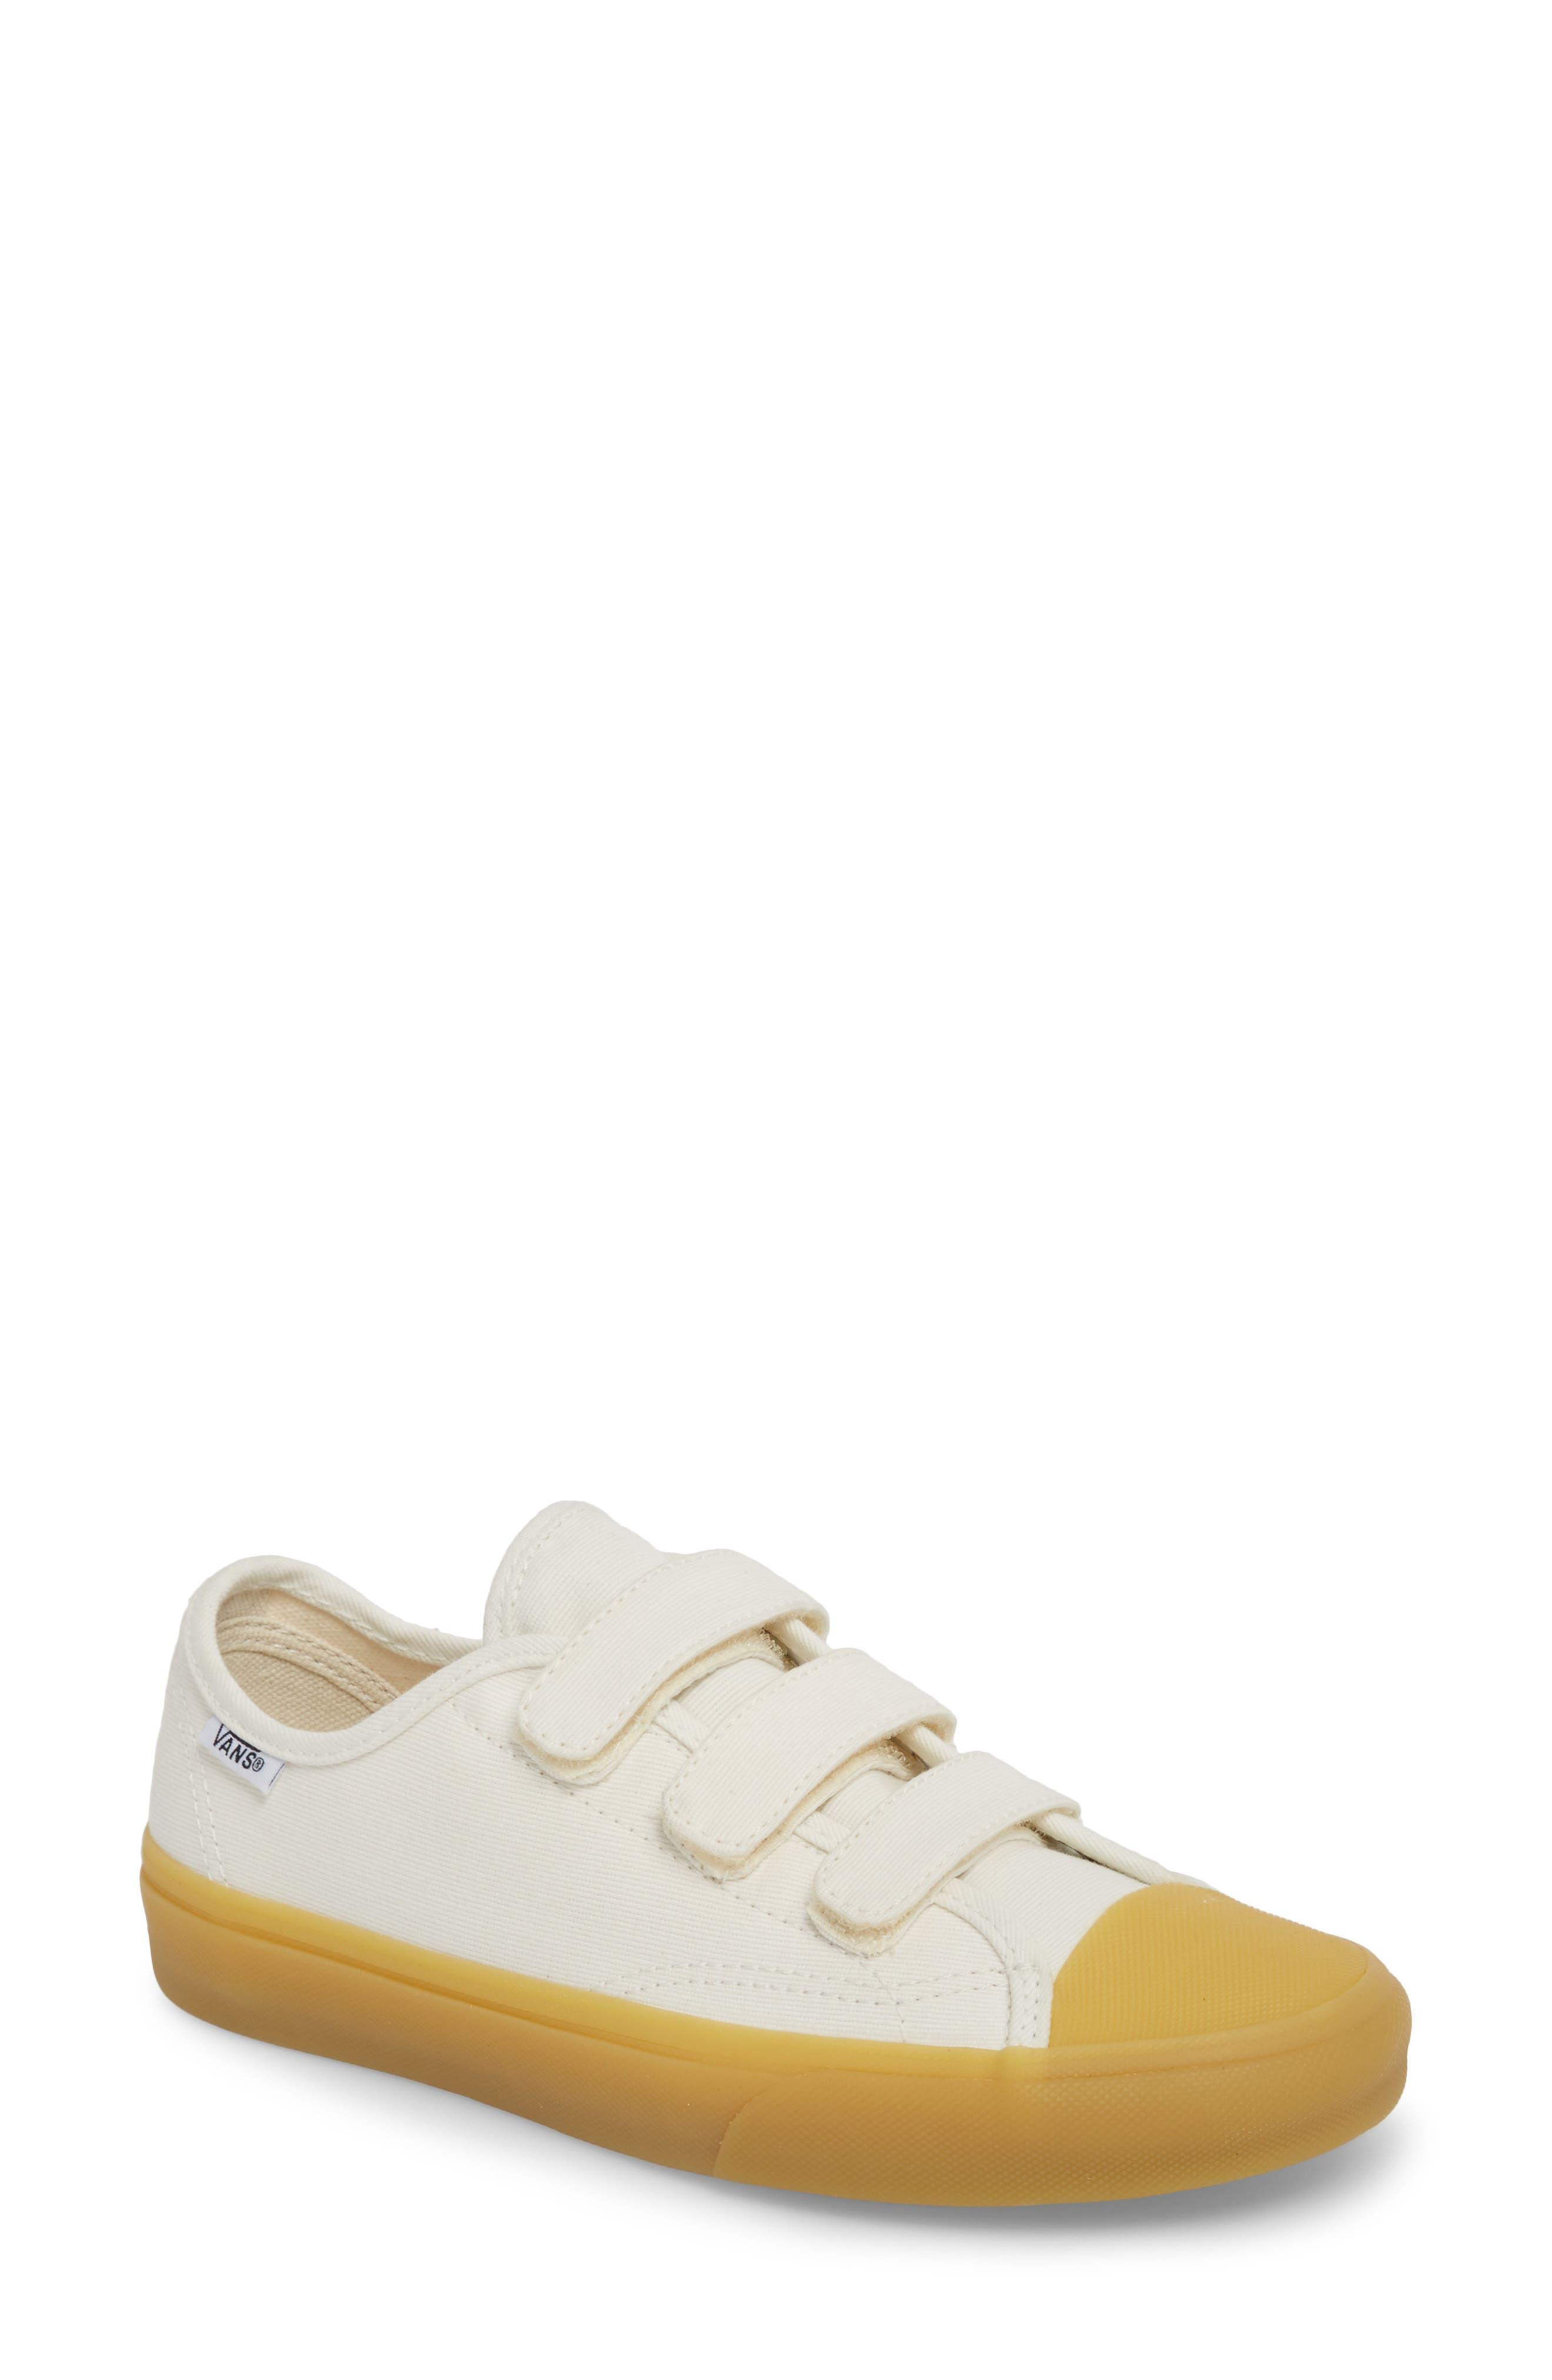 Alternate Image 1 Selected - Vans Style 23 V Sneaker (Women)